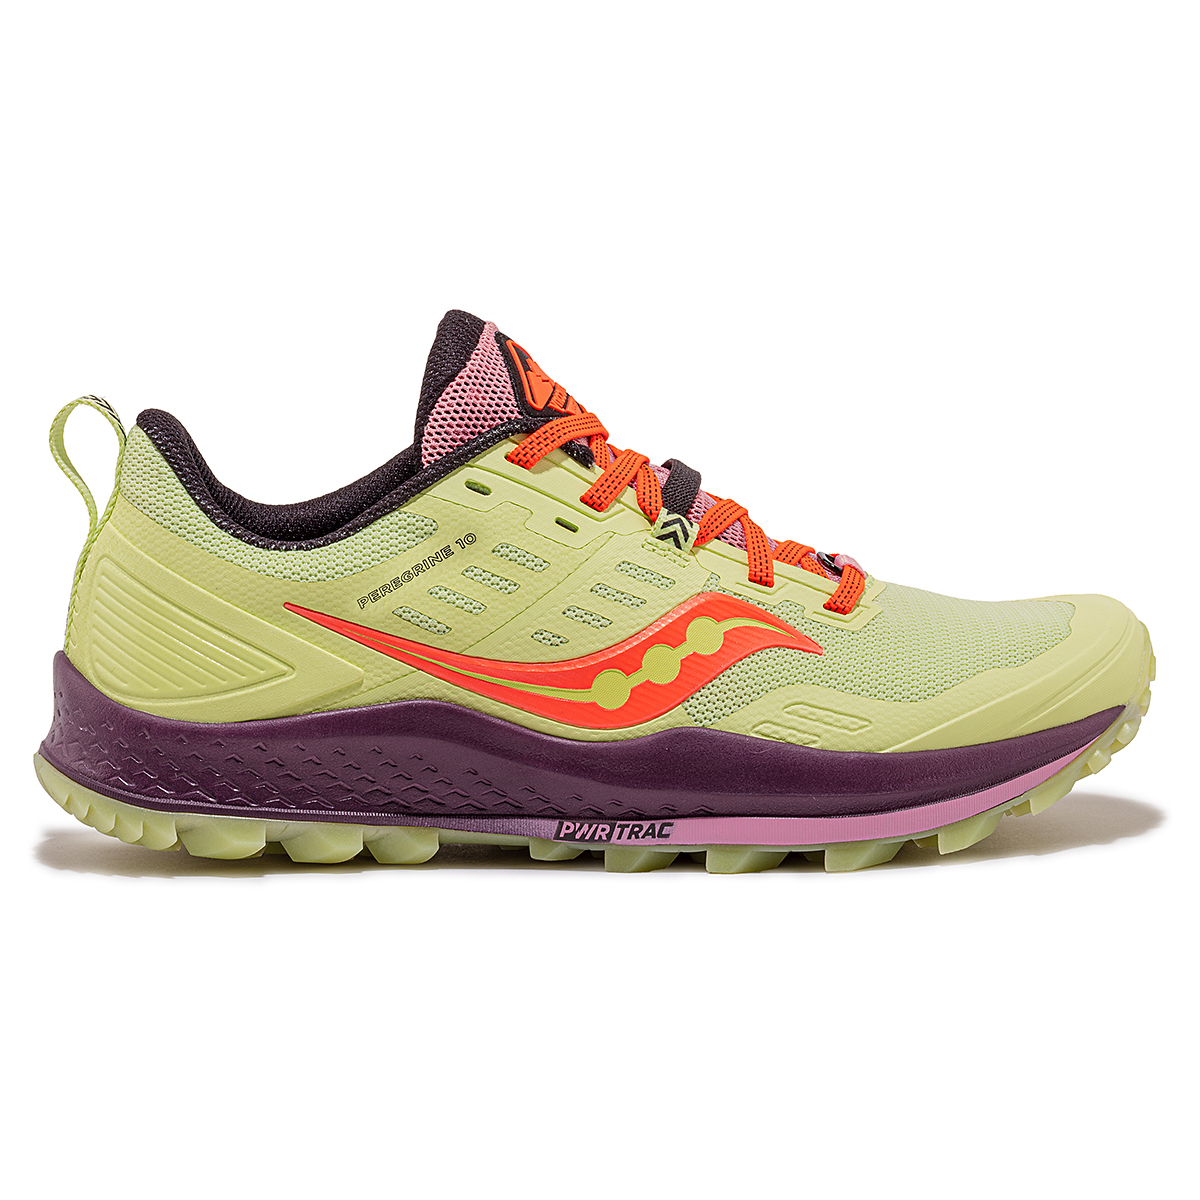 Women's Saucony Jackalope 2.0 Peregrine 10 Trail Running Shoe - Color: Jackalope - Size: 5 - Width: Regular, Jackalope, large, image 1